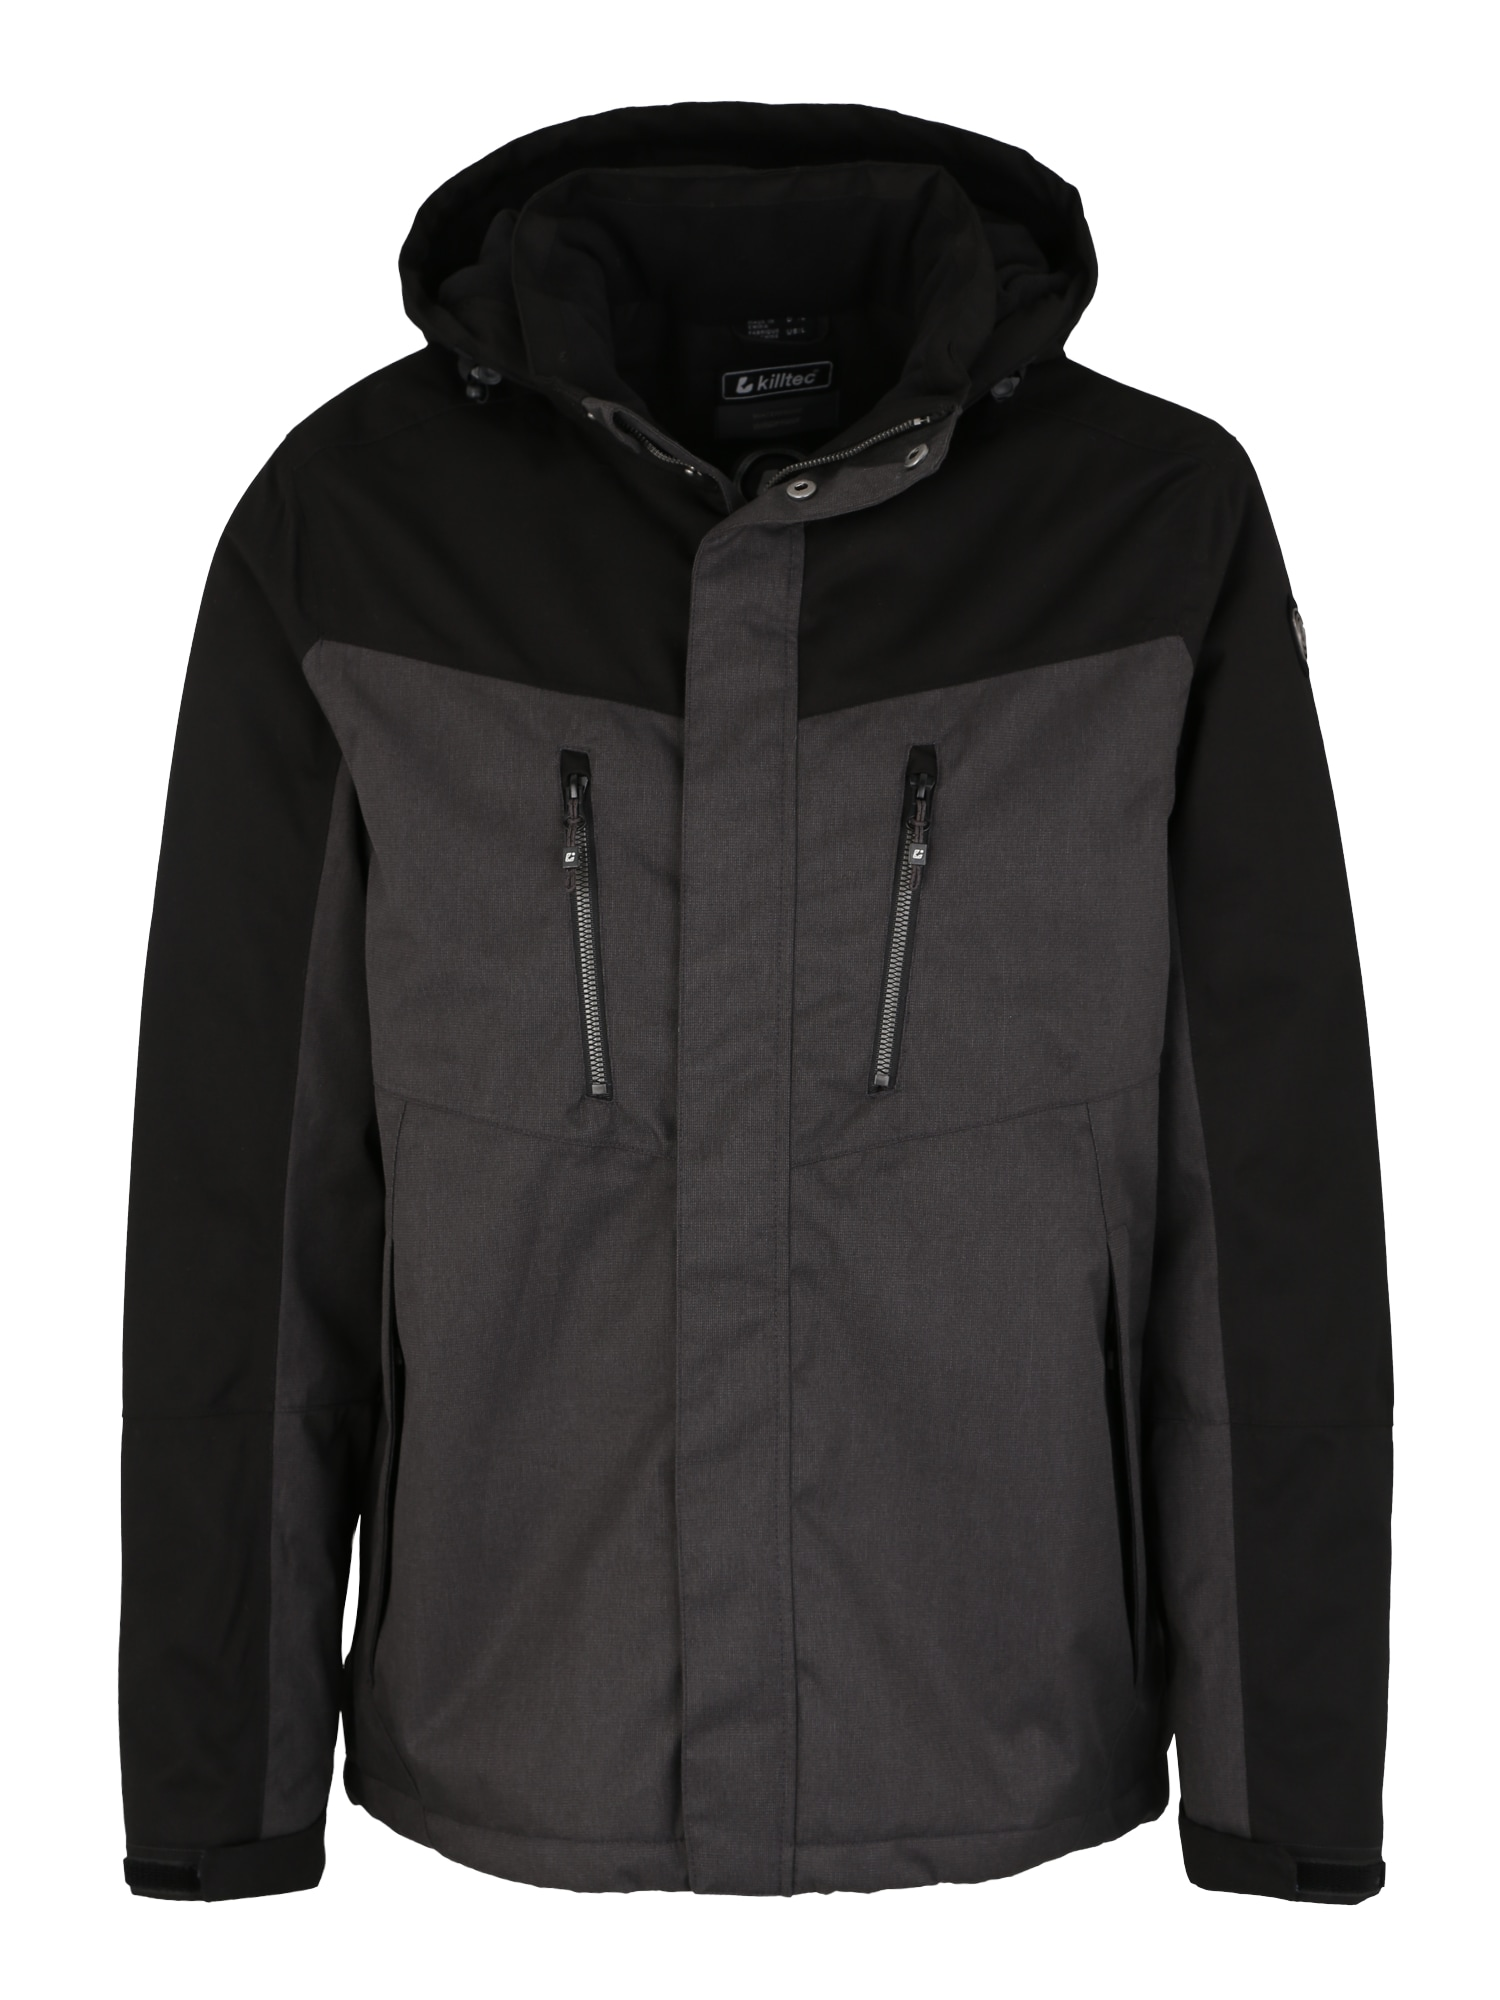 Outdoorová bunda Tiggo antracitová černá KILLTEC